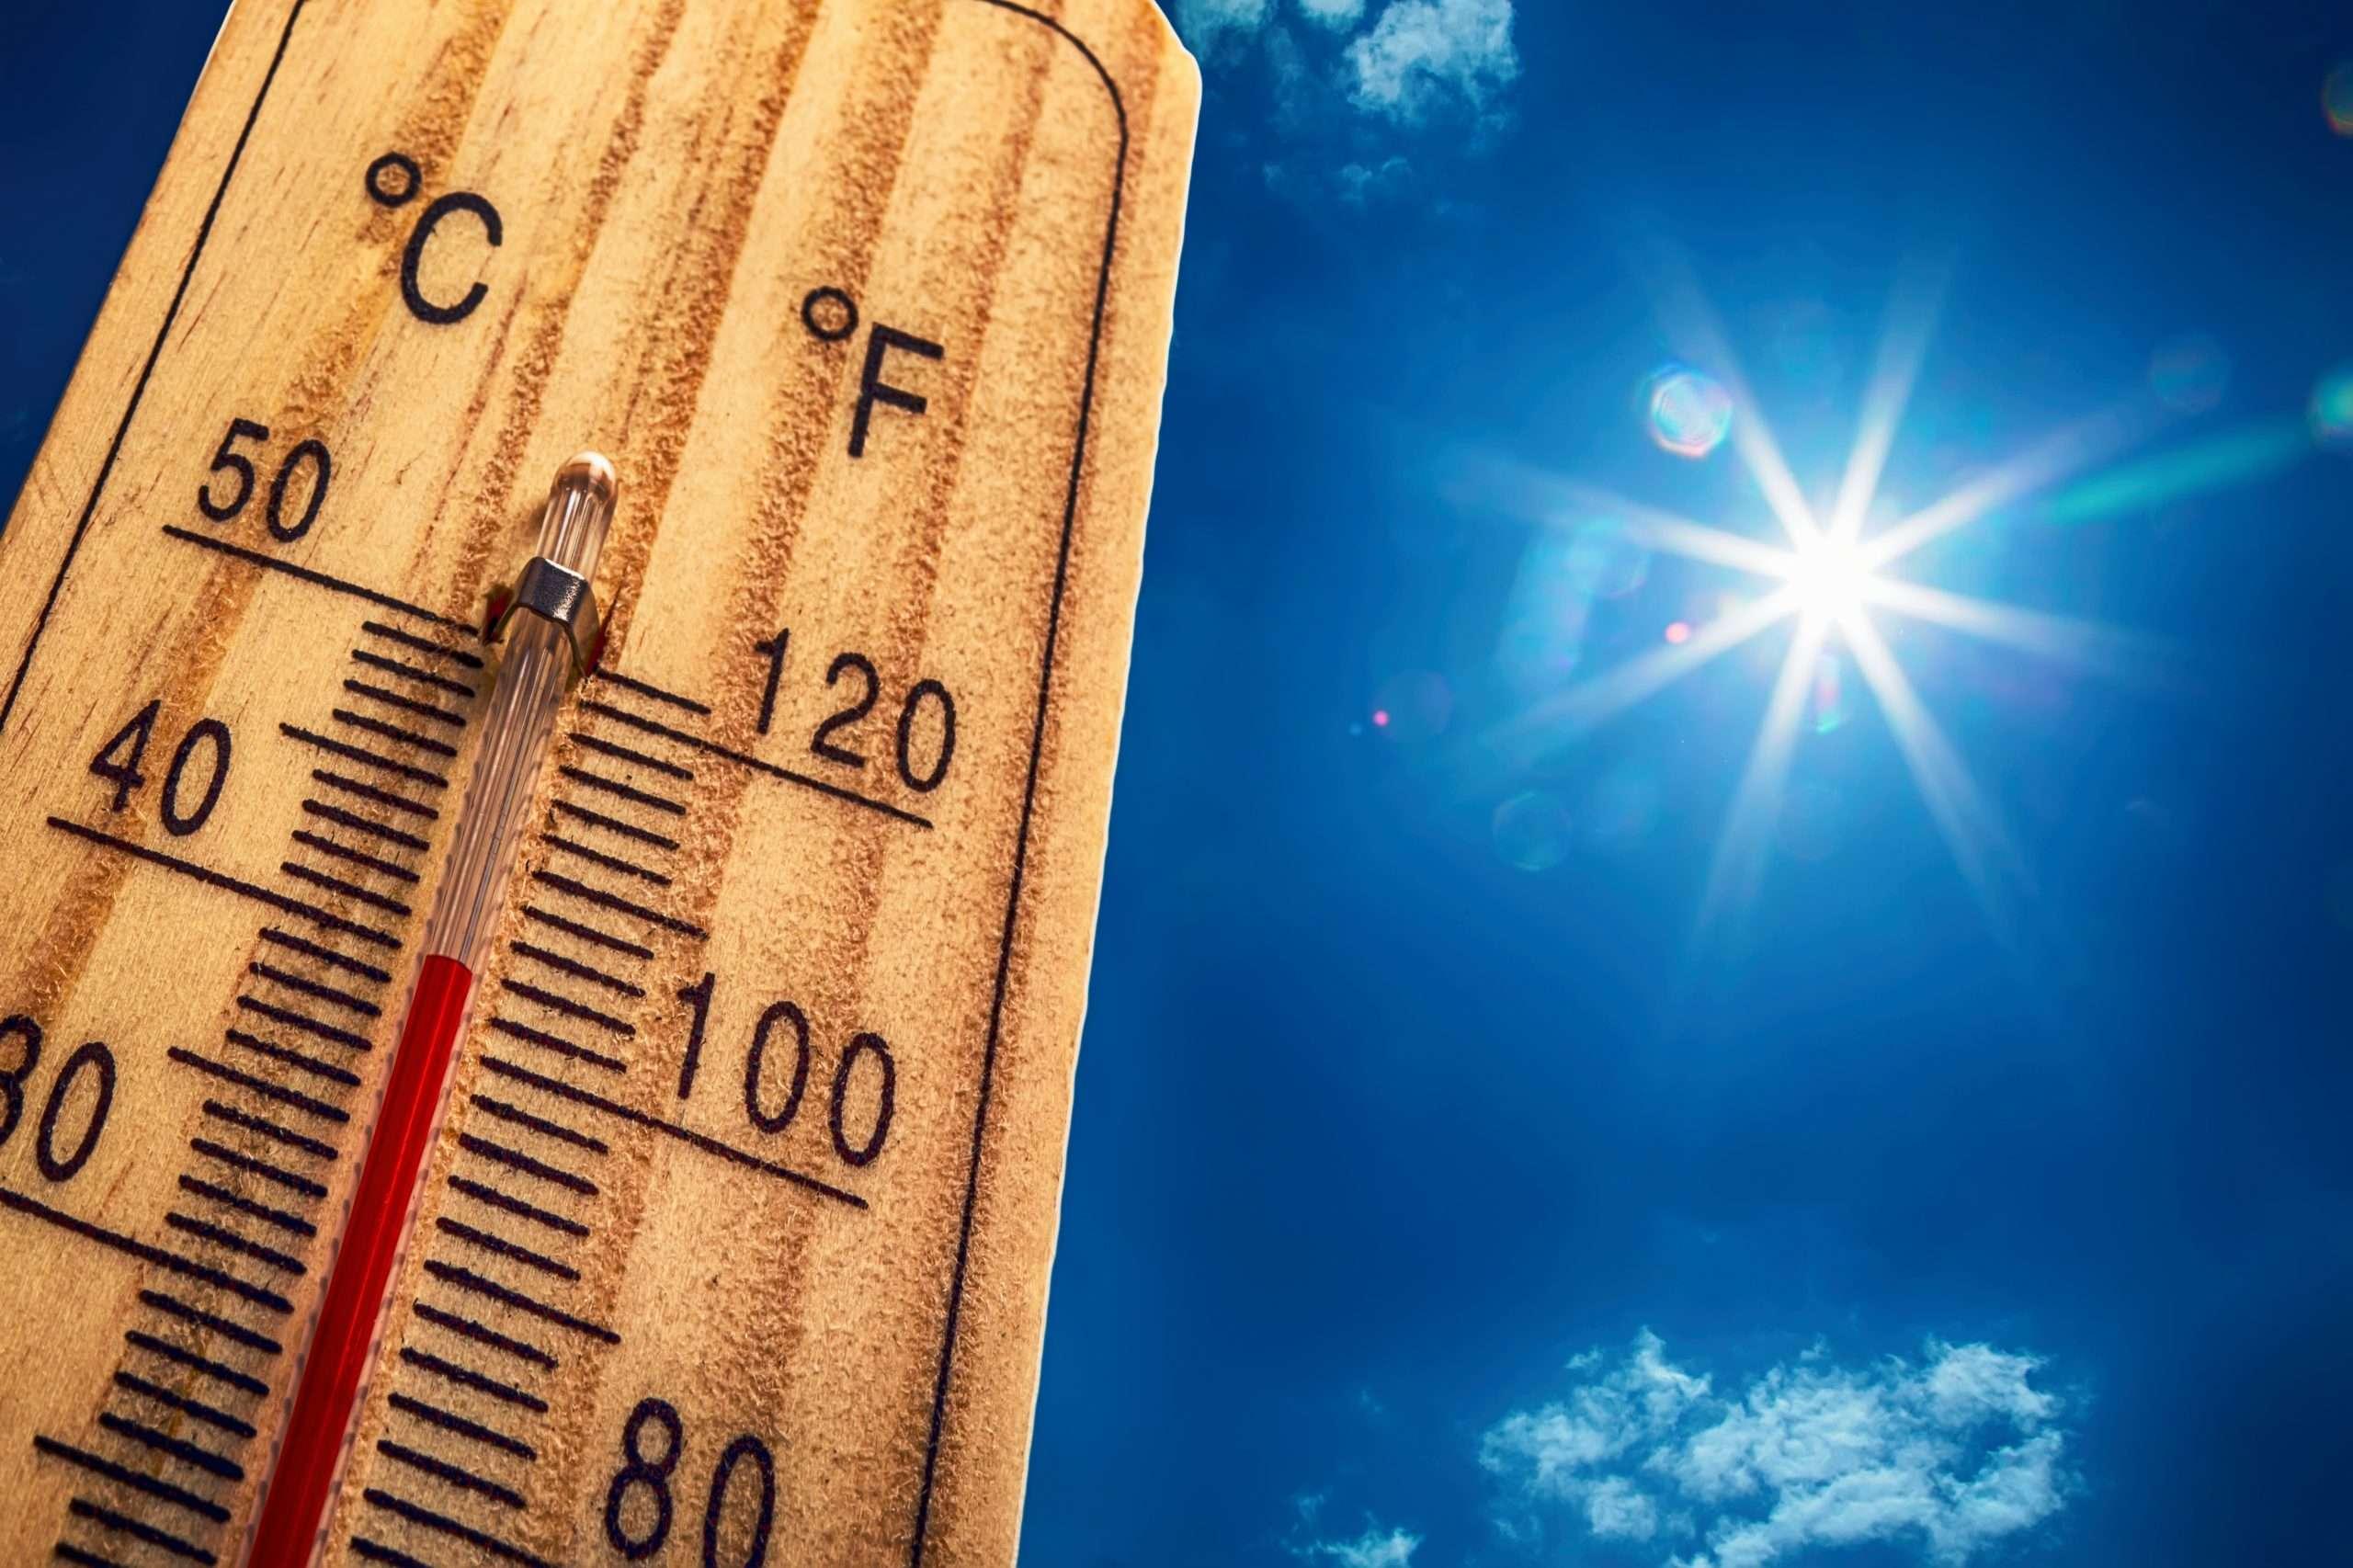 Canicule 2020 : Premières vagues de chaleur attendues pour cette semaine